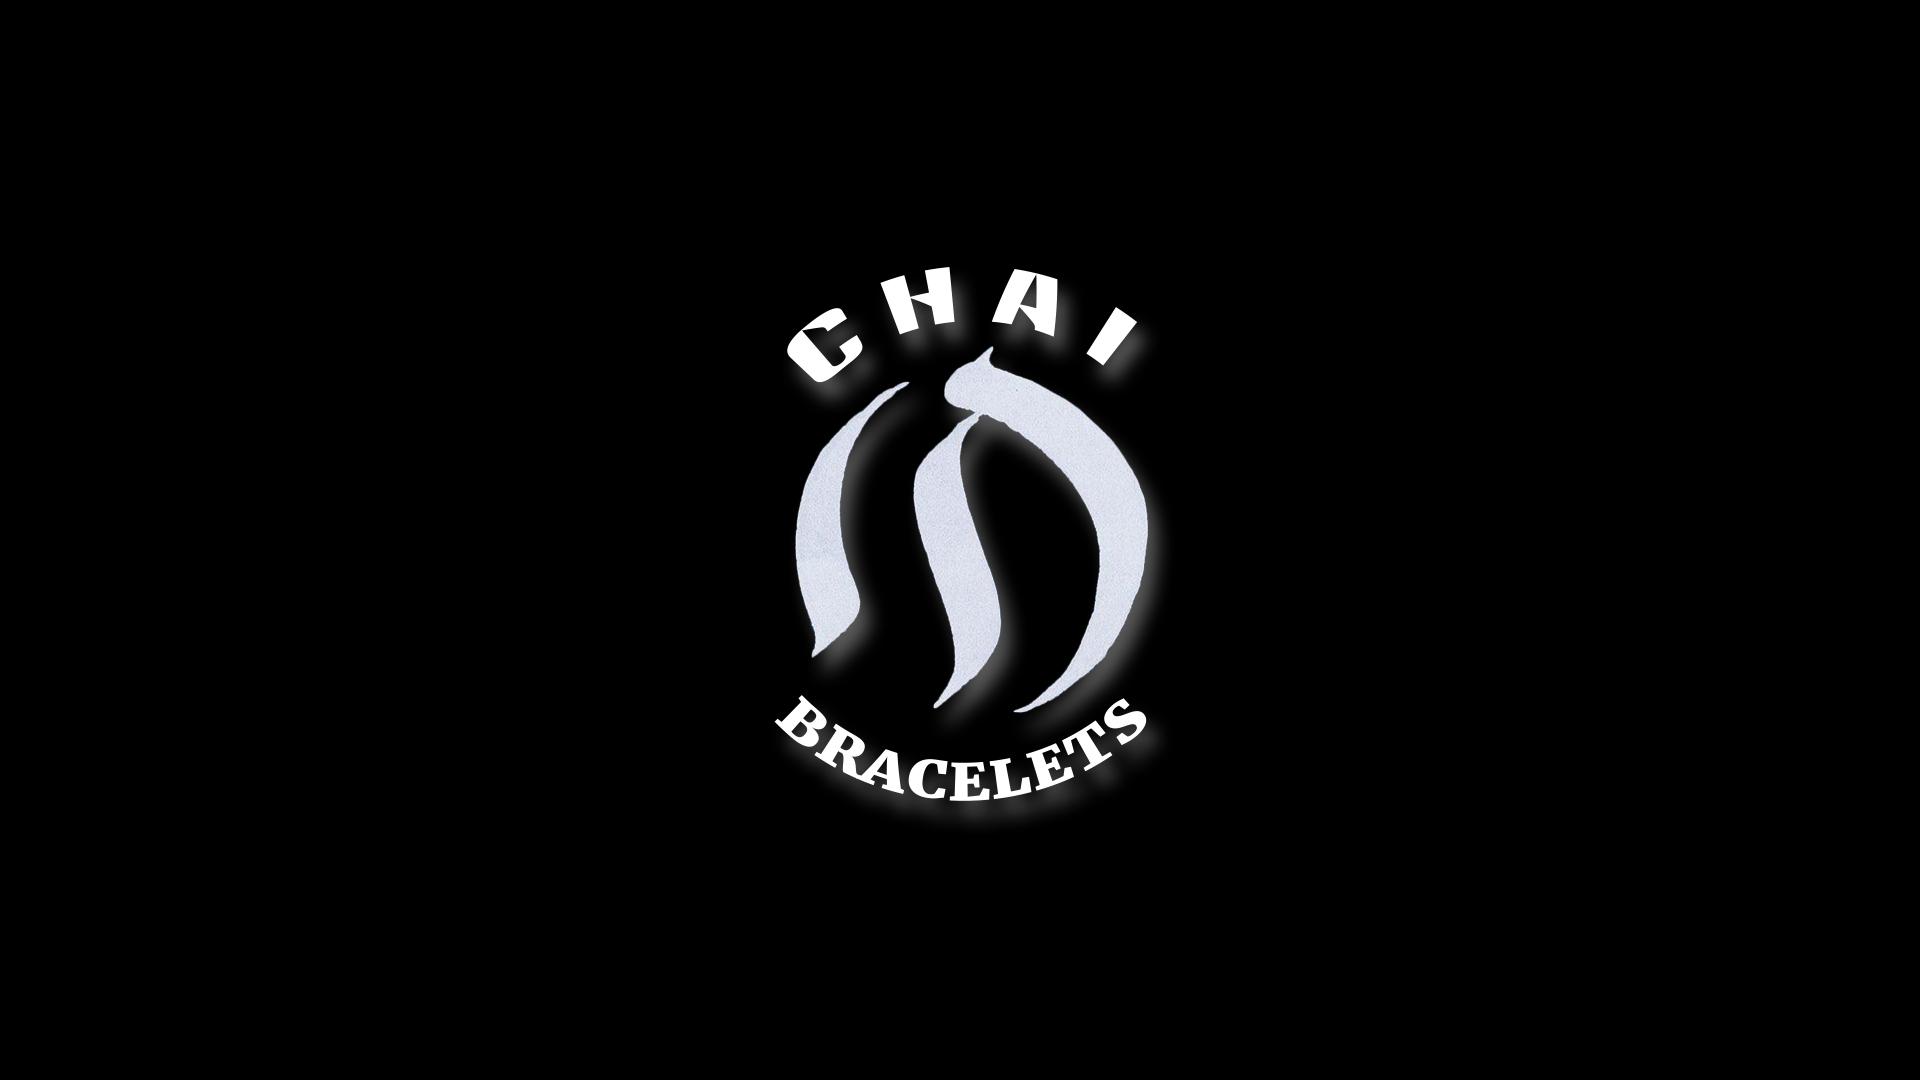 Chai Bracelets Logo(black bg)